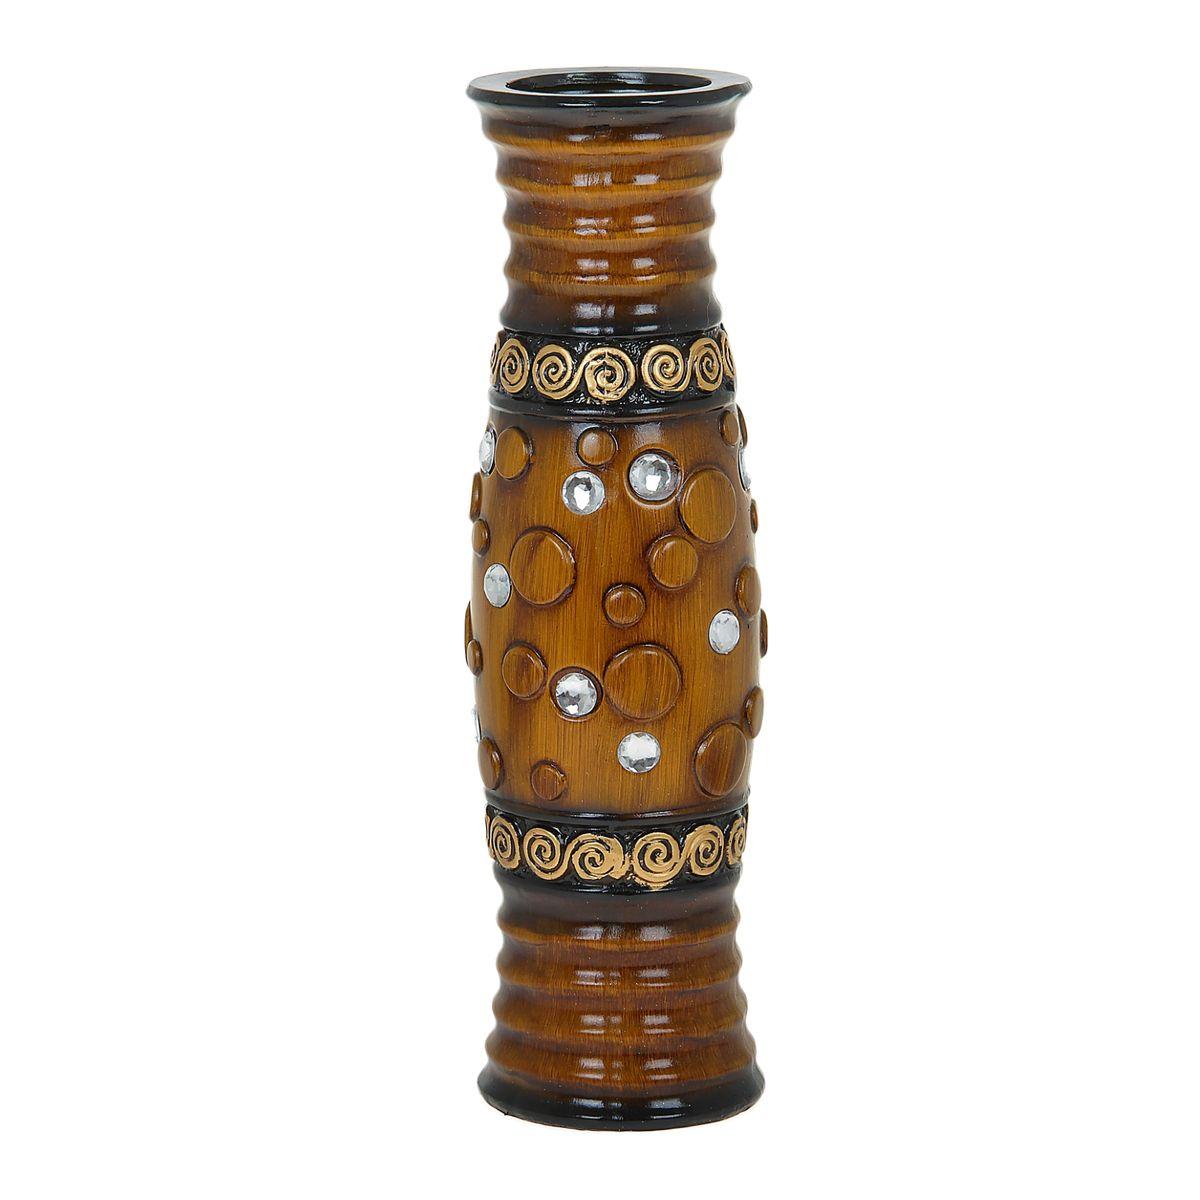 Ваза напольная Мыльные пузыри, цвет: коричневый, высота 60 см. 851264851264Керамика